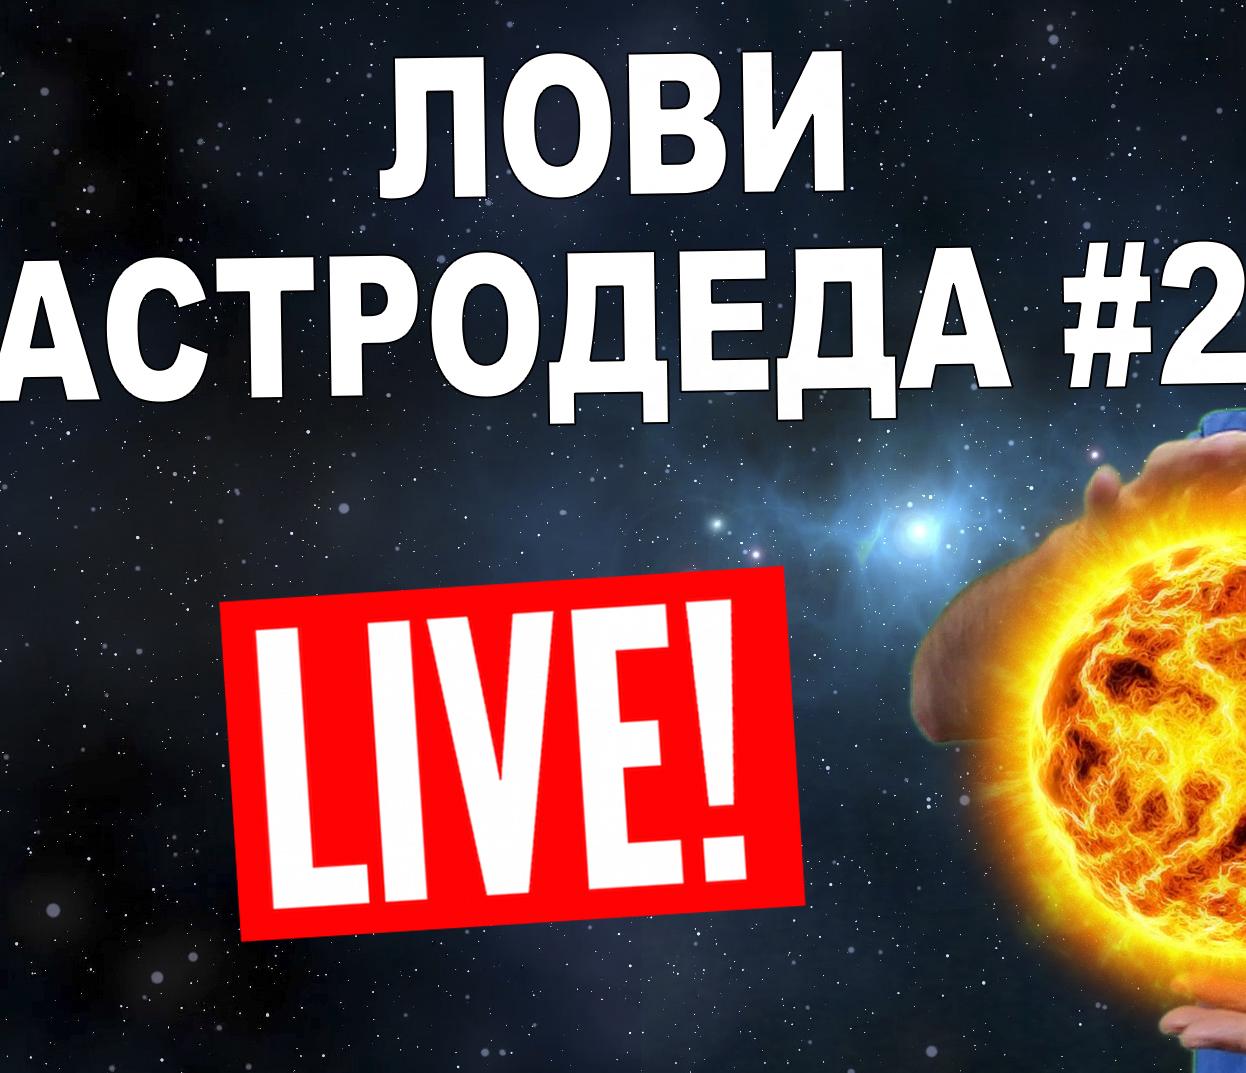 Астрономия,астродед,наука,космос, Лови Астродеда #2